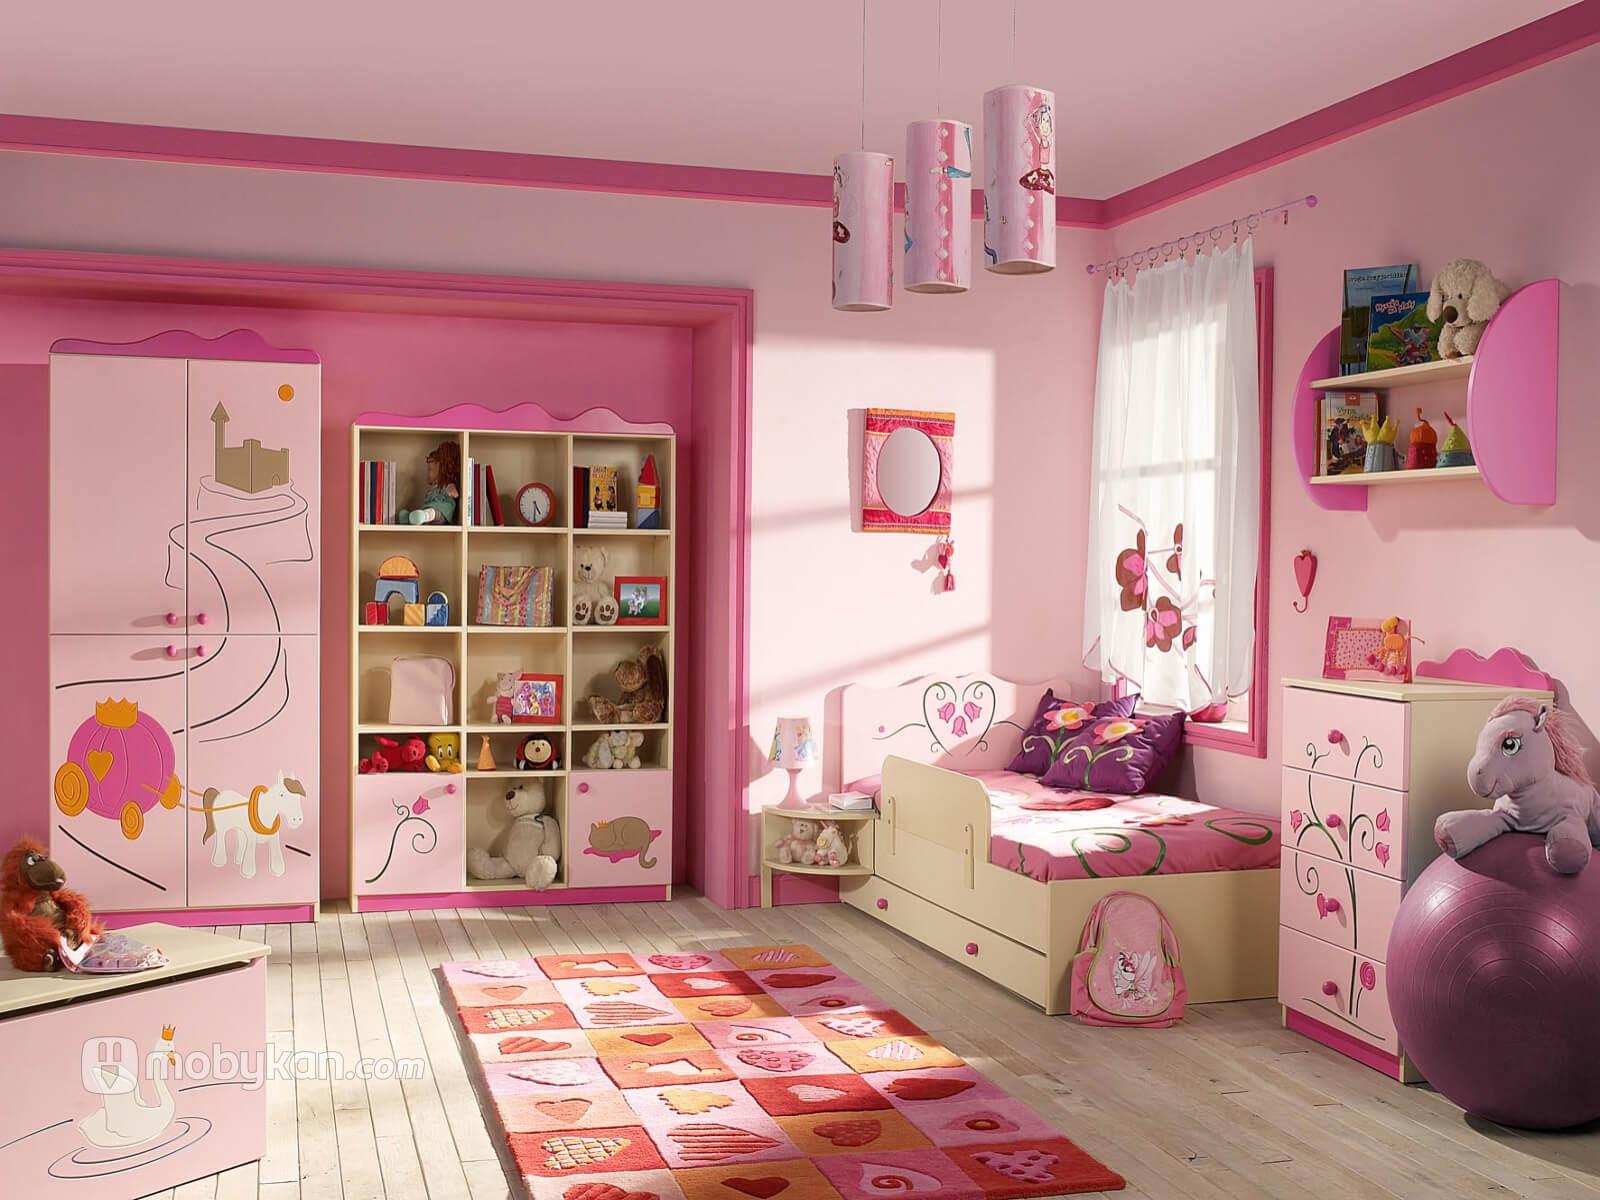 بالصور ديكورات اوض اطفال , افكار جديدة لغرف نوم الاطفال 12480 2